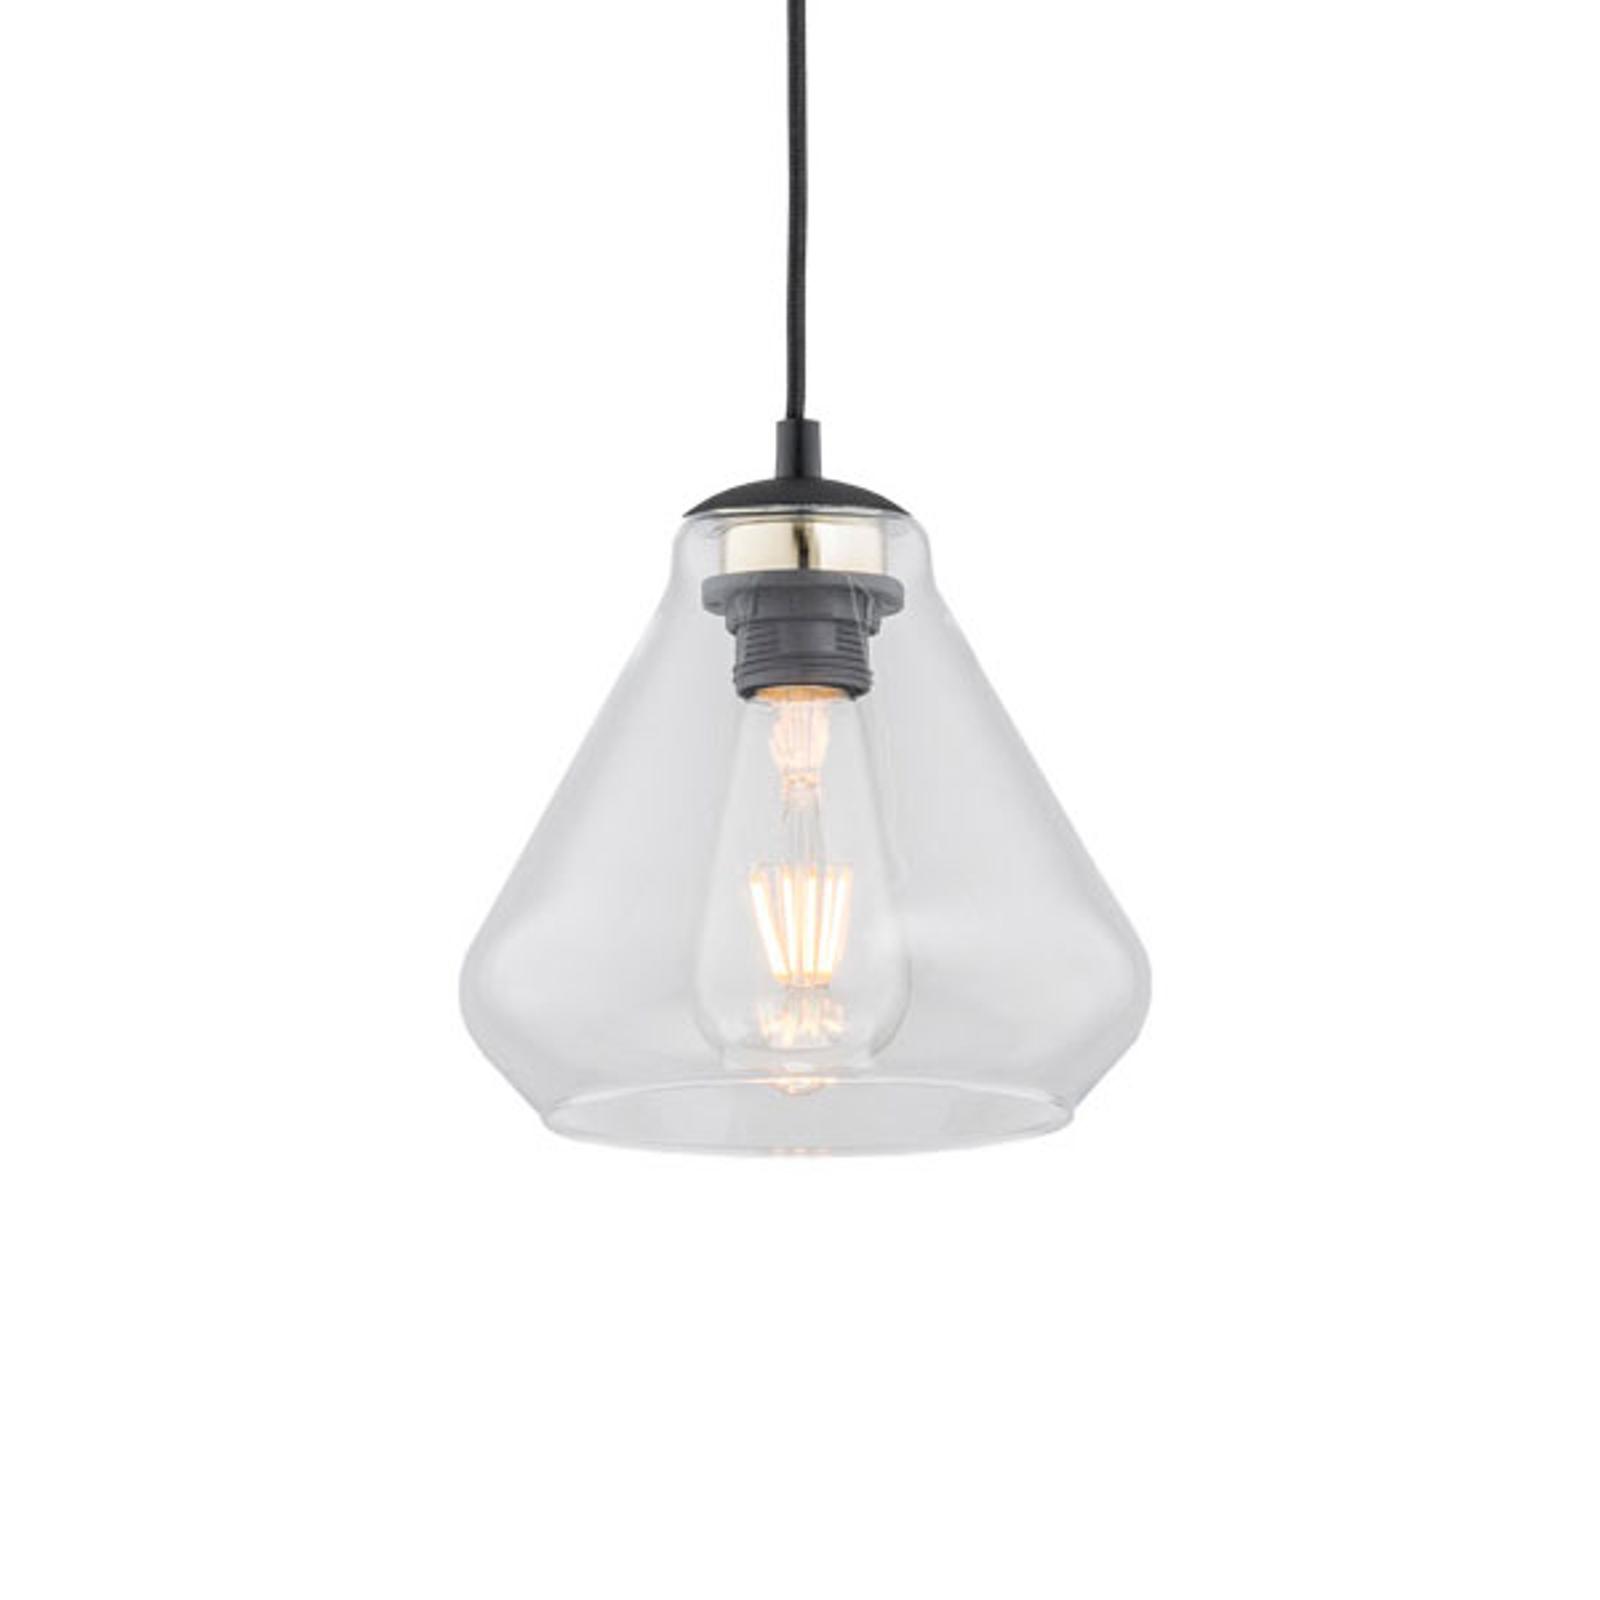 Destin hængelampe, 1 lyskilde, klar/sort